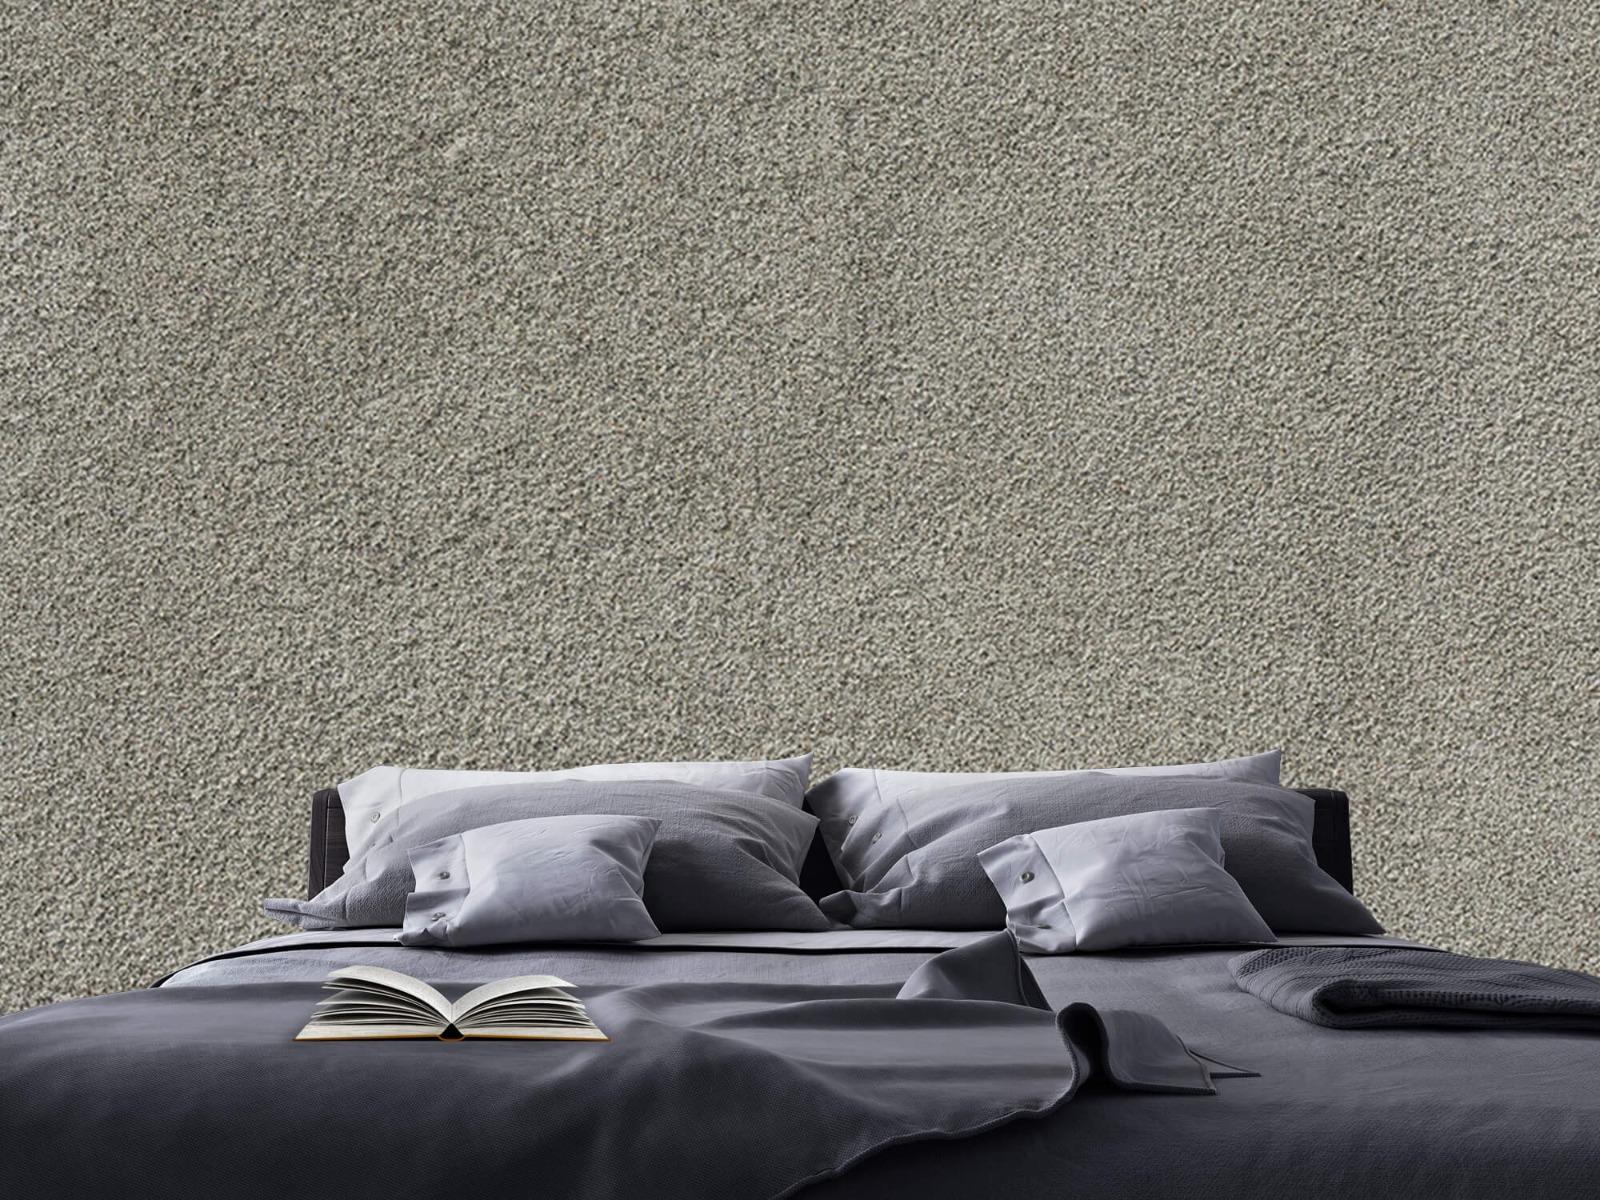 Betonlook behang - Betonnen muur met fijne steentjes - Kantoor 17